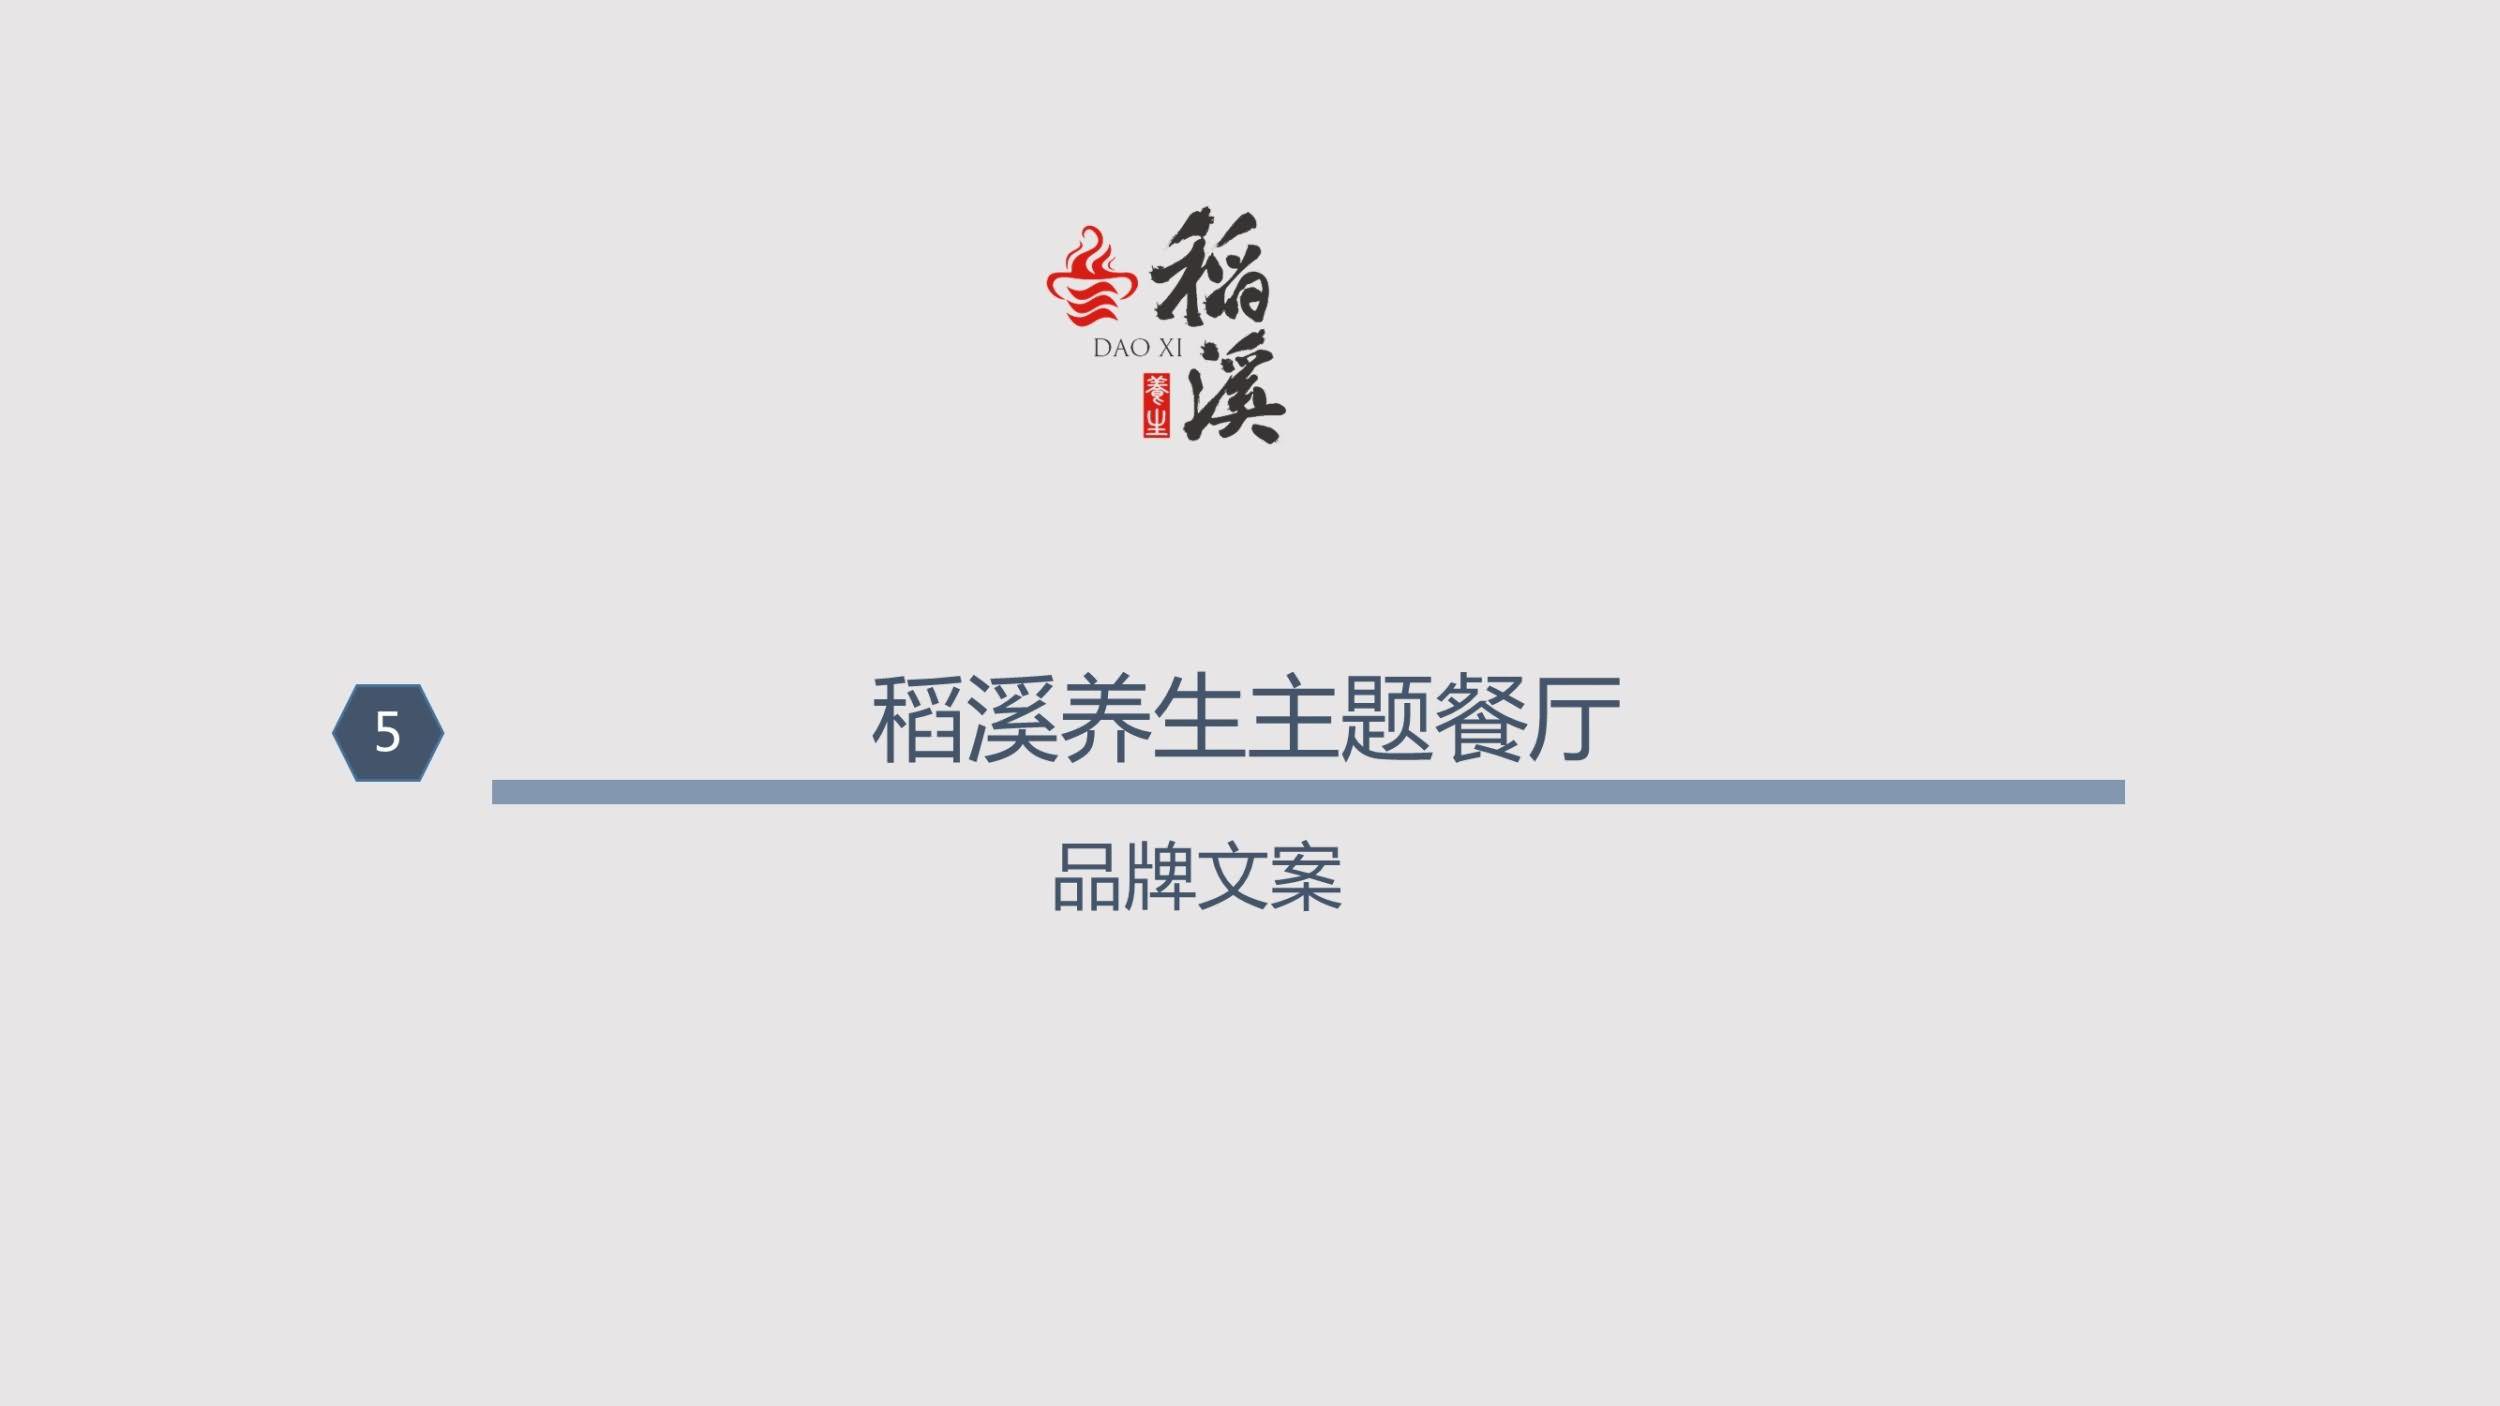 香港樂源餐飲集團有限公司22